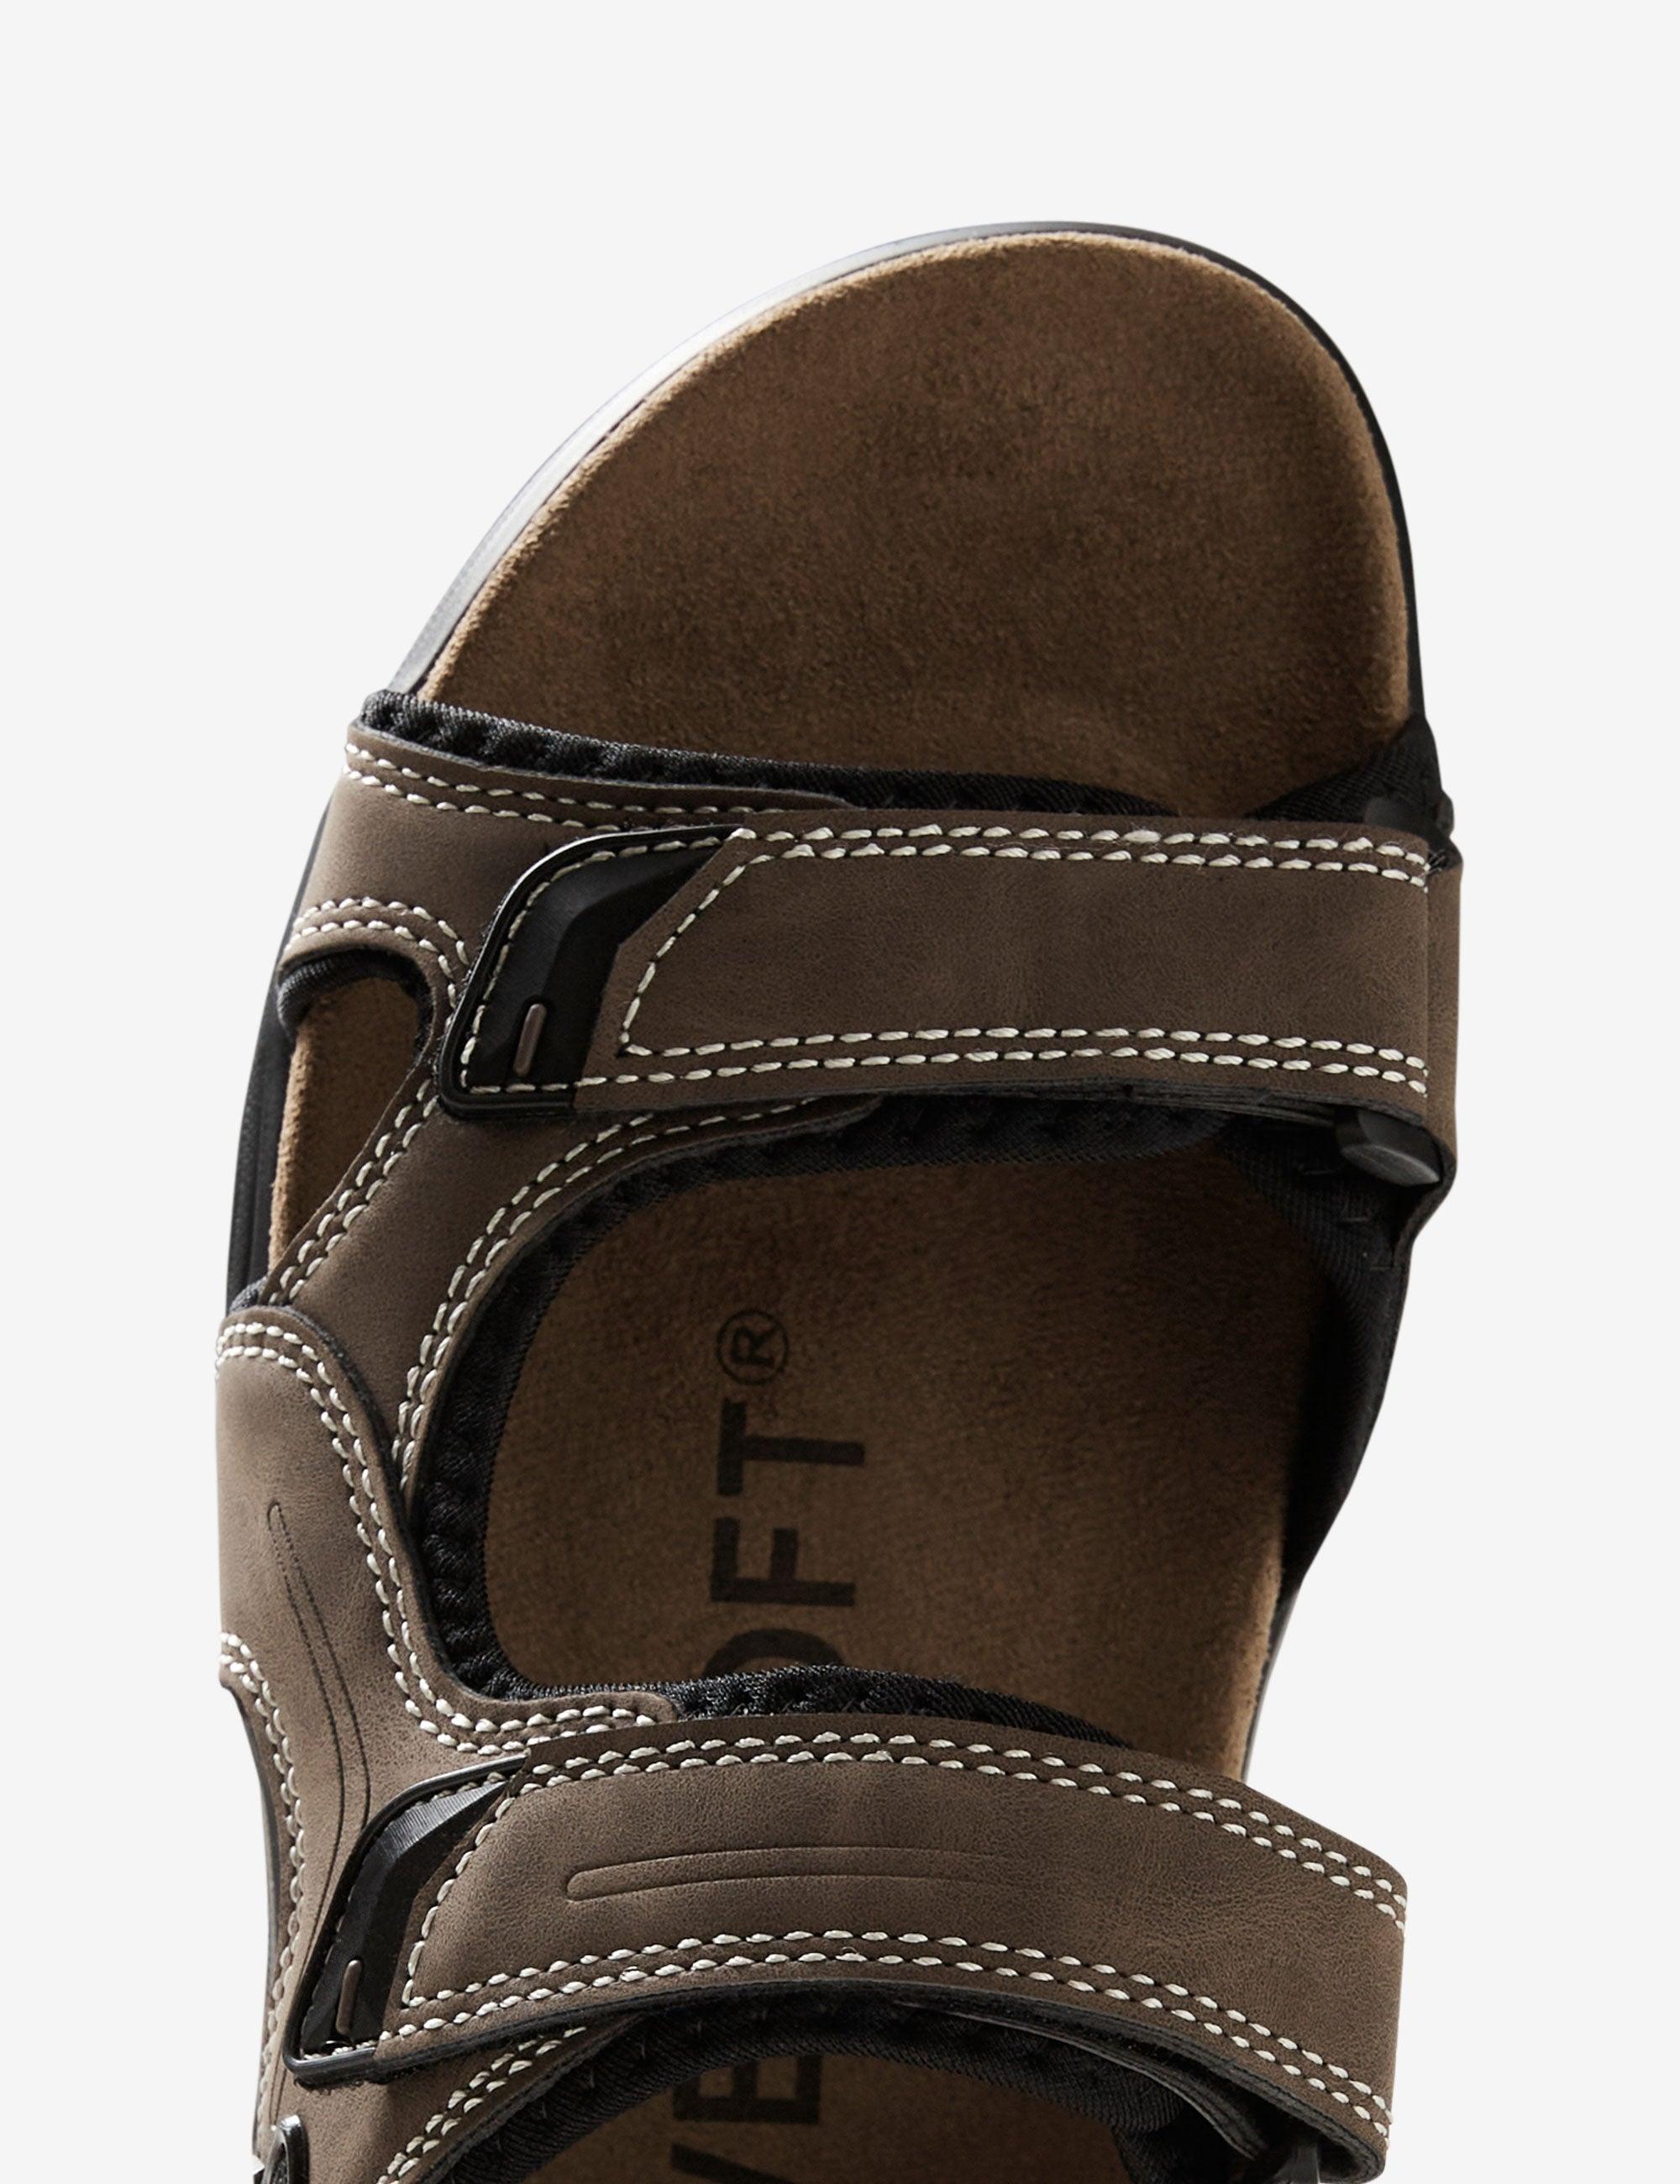 Rivers Corfu Heel Grip Rocker Wedge Sandal